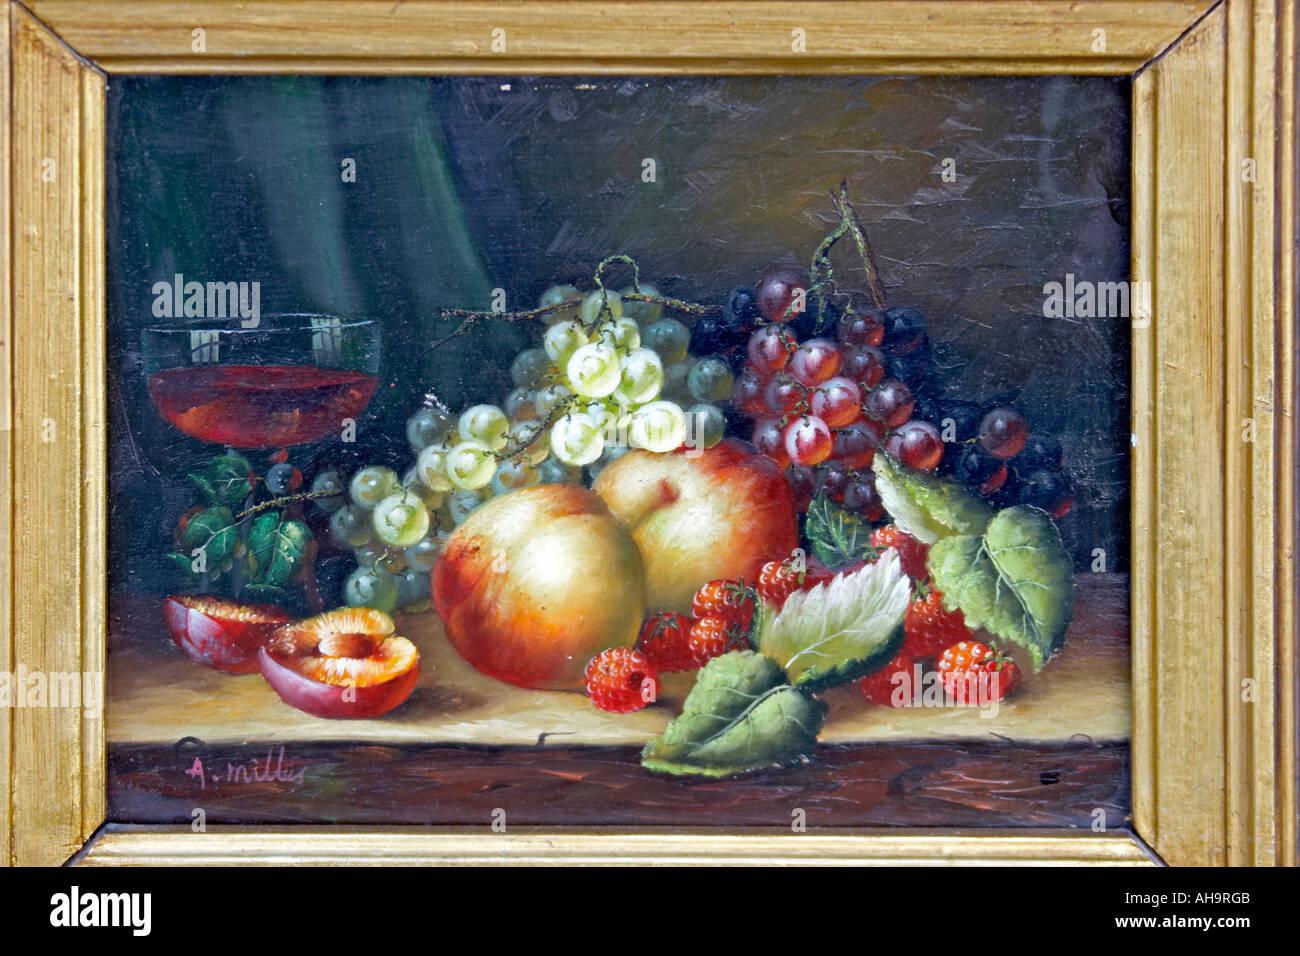 Stile olandese olio pittura alimentare di frutti con foglie di uva e pesche Immagini Stock